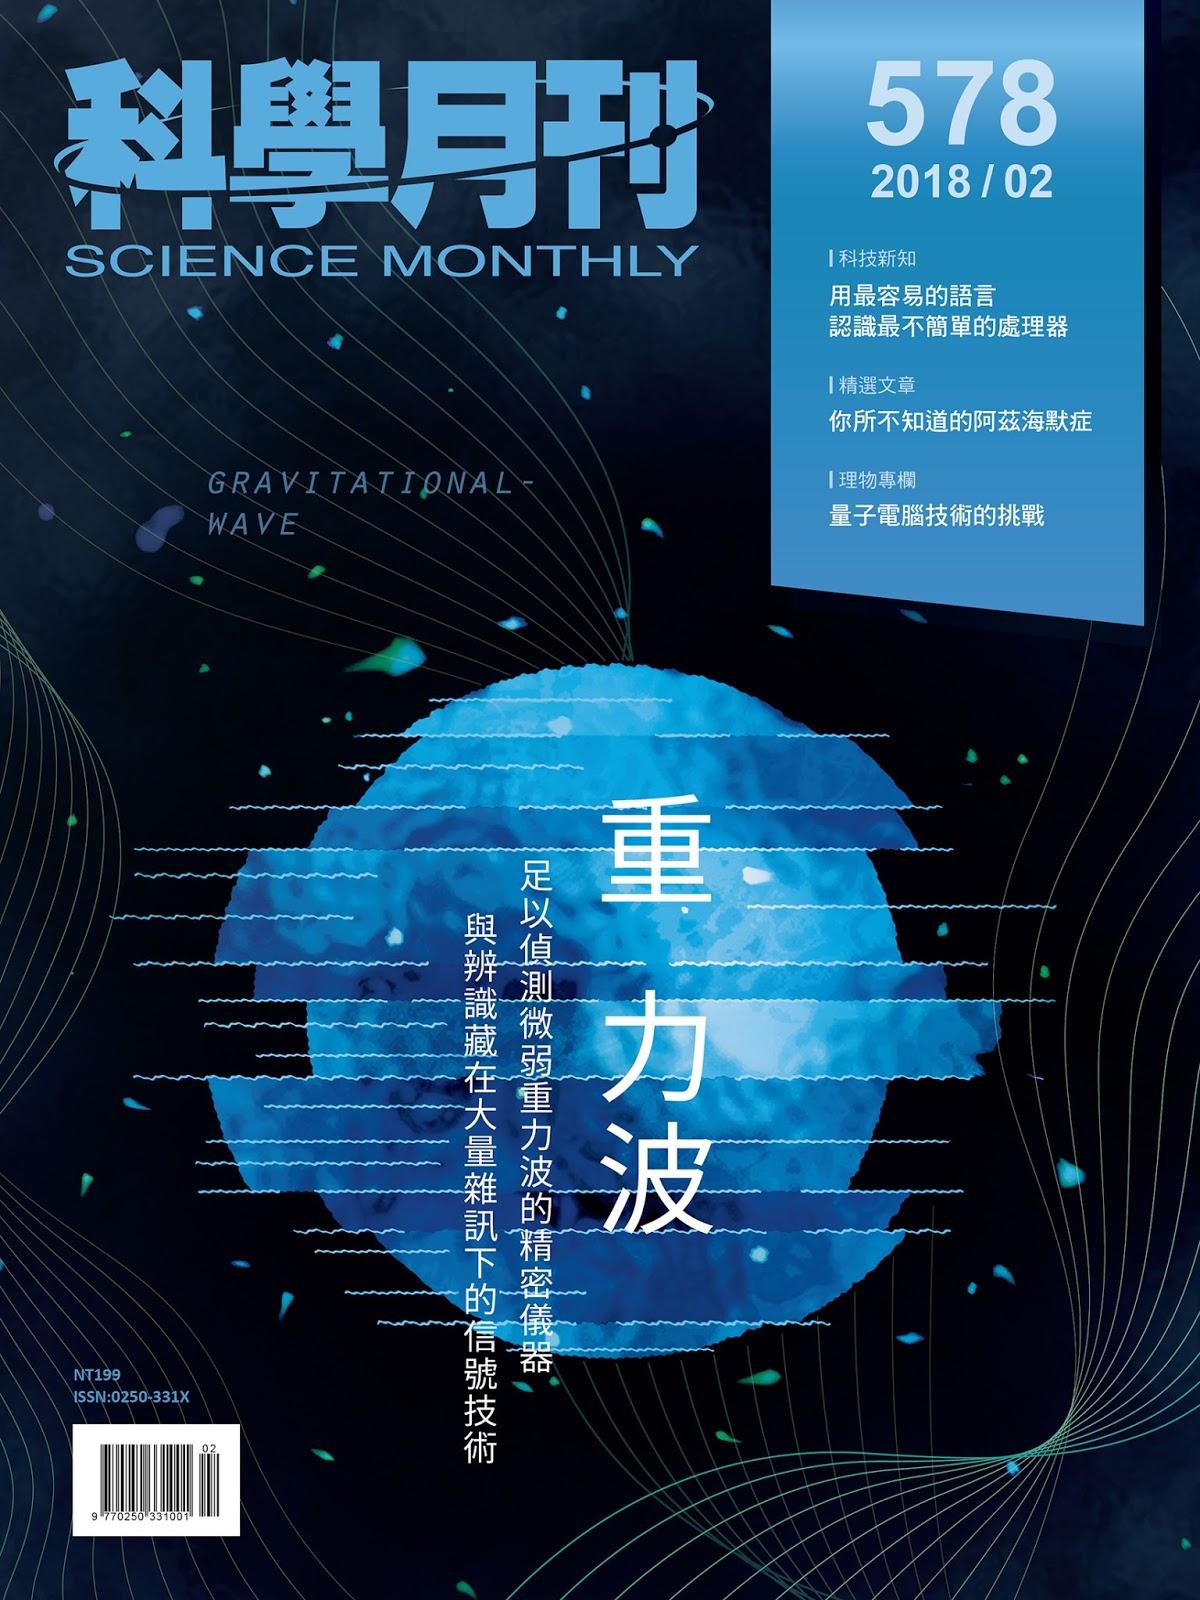 科學月刊: 科學月刊2018年2月號 578期